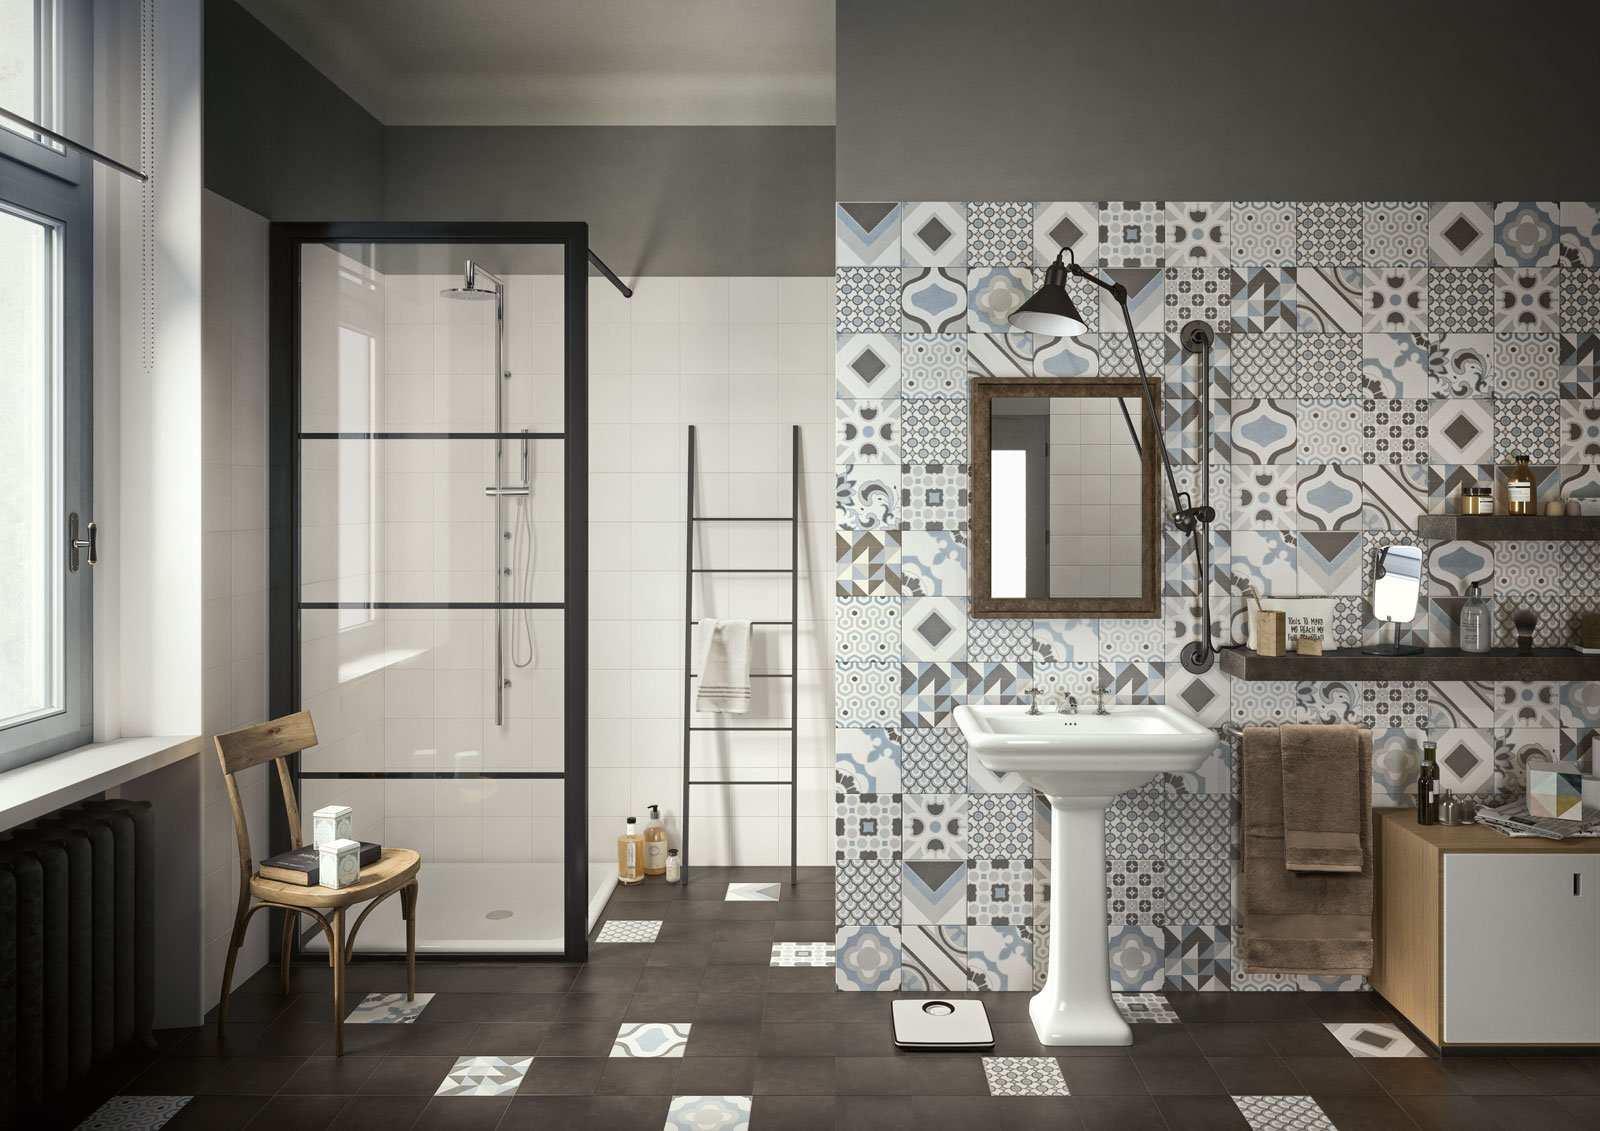 Piastrelle effetto cementine in versione attuale cose - Rivestimenti piastrelle bagno ...